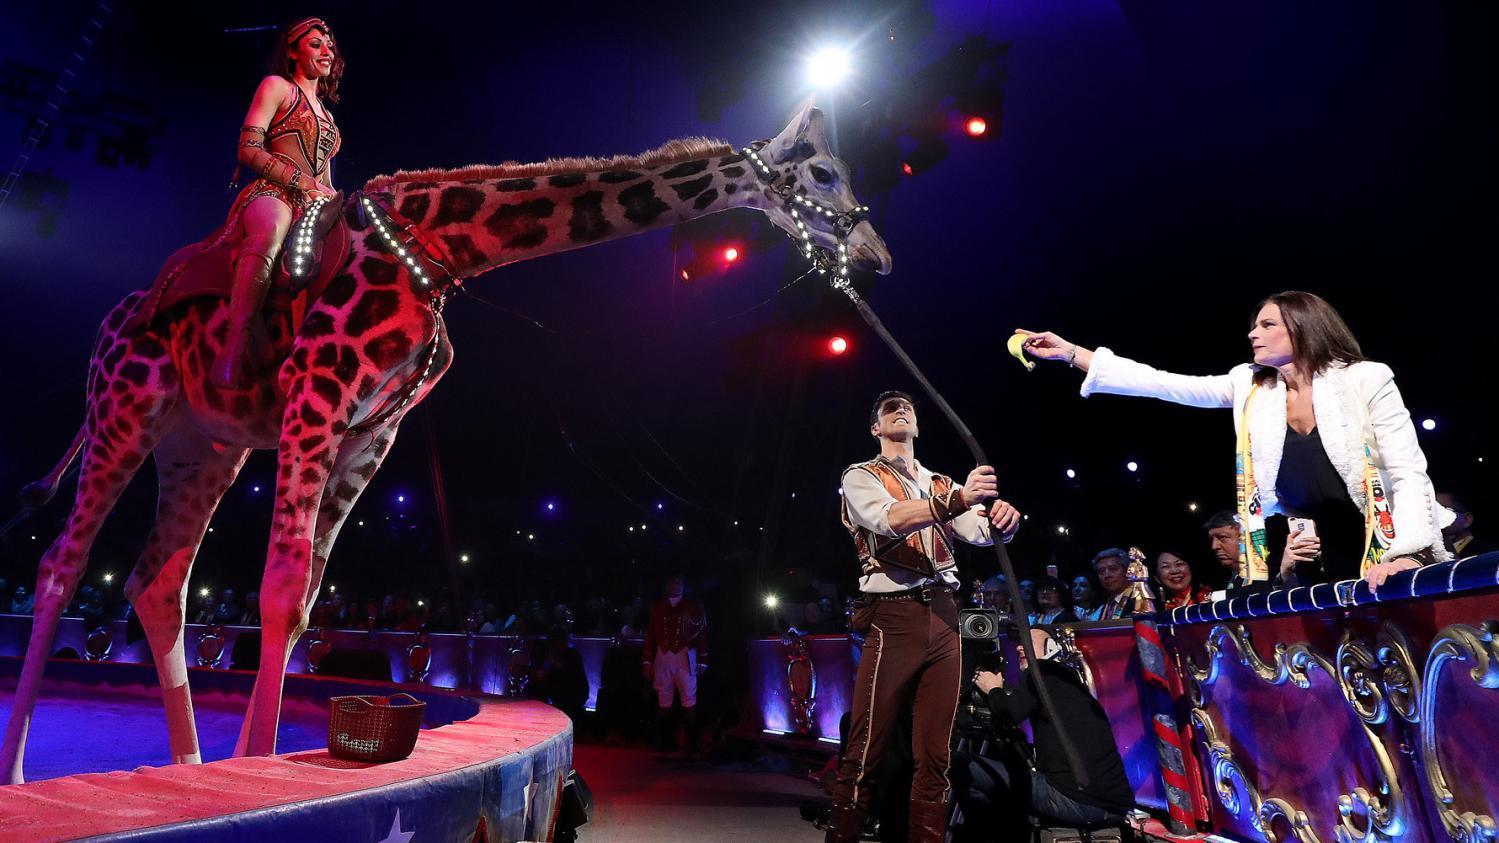 Stephanie de monaco et le cirque sebastien nogier pool afp